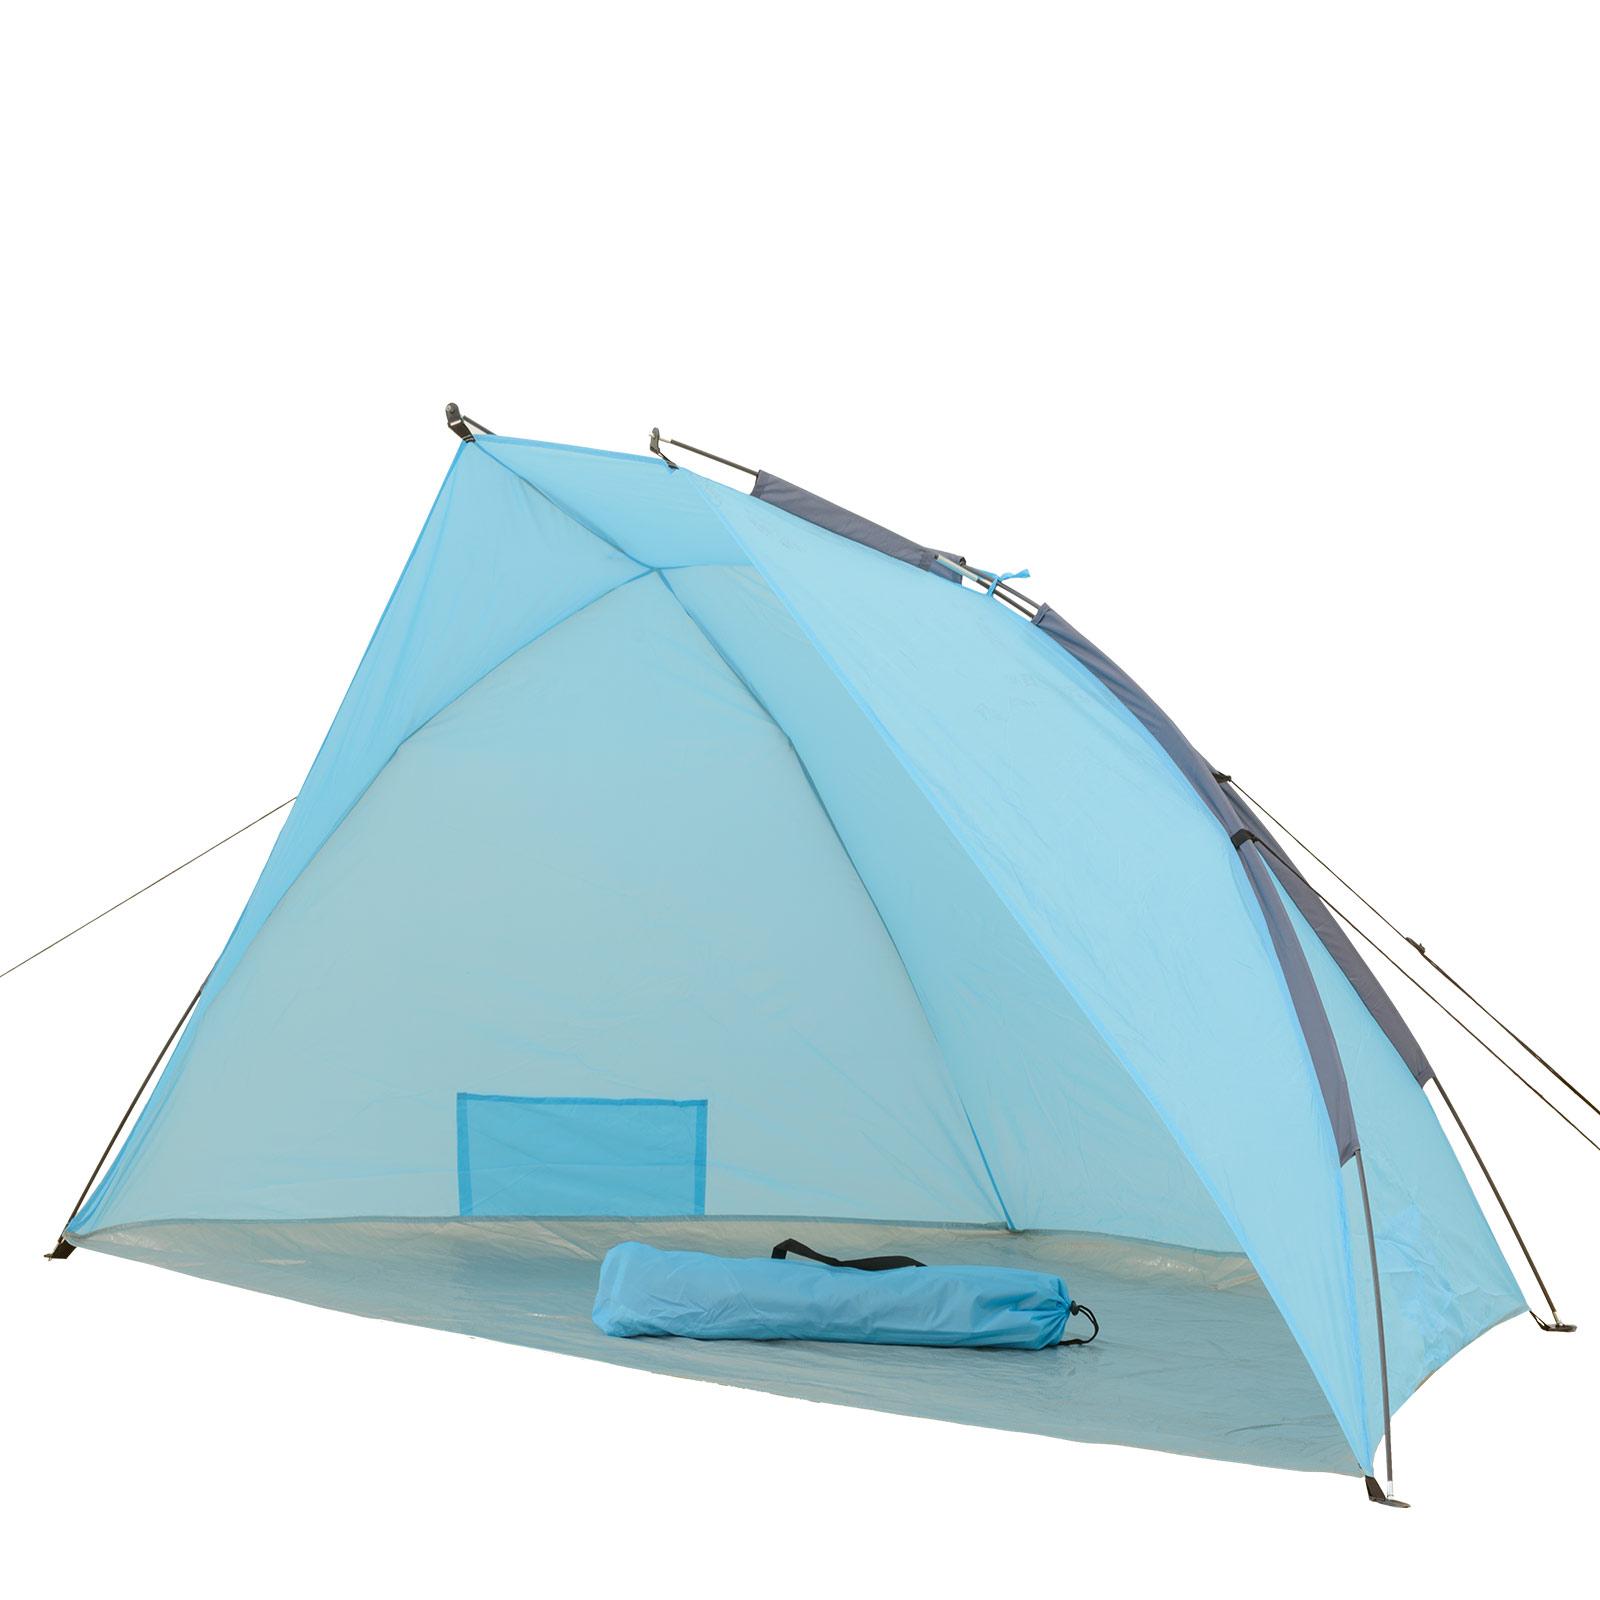 uv schutz strandmuschel windschutz zelt strandzelt sonnenschutz strand muschel ebay. Black Bedroom Furniture Sets. Home Design Ideas